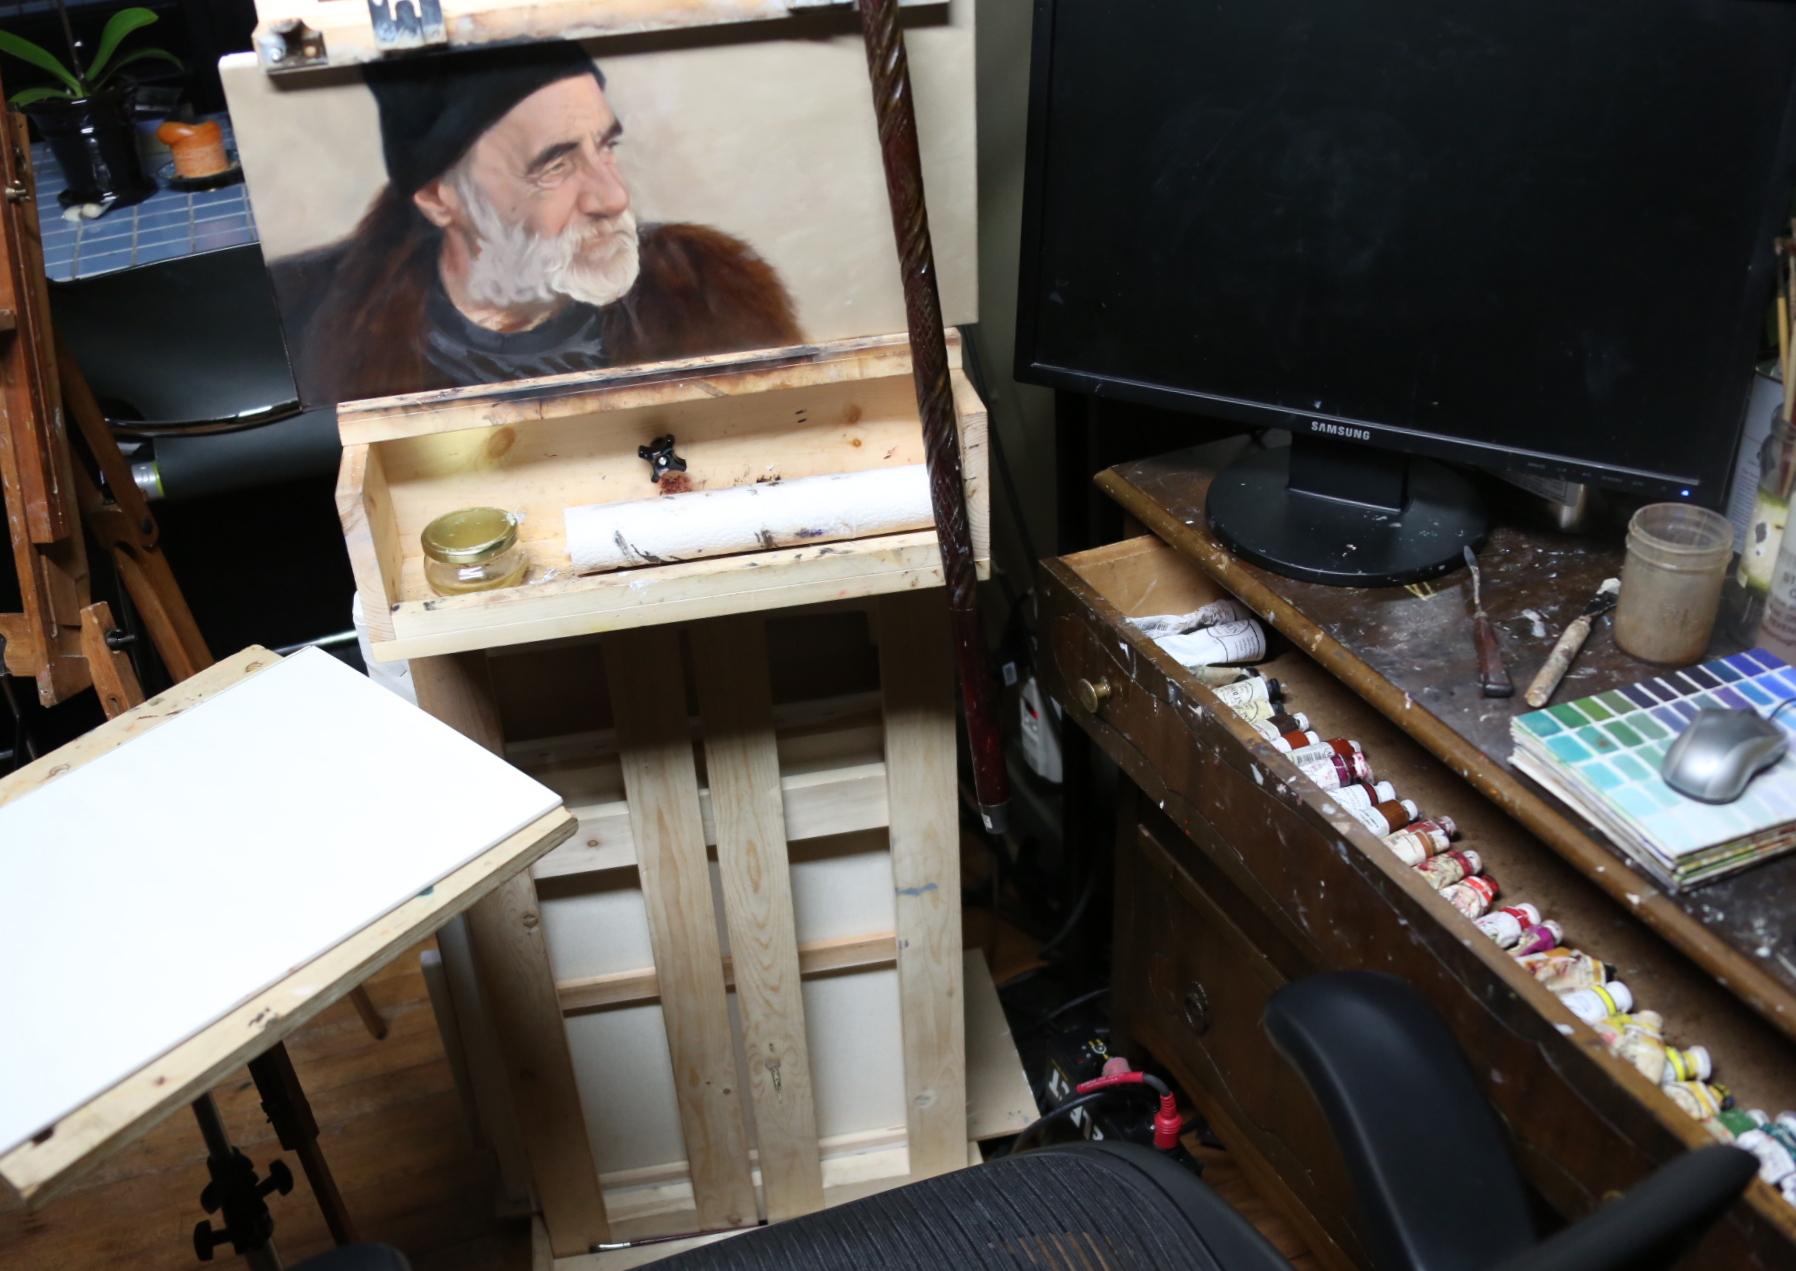 Studio setup